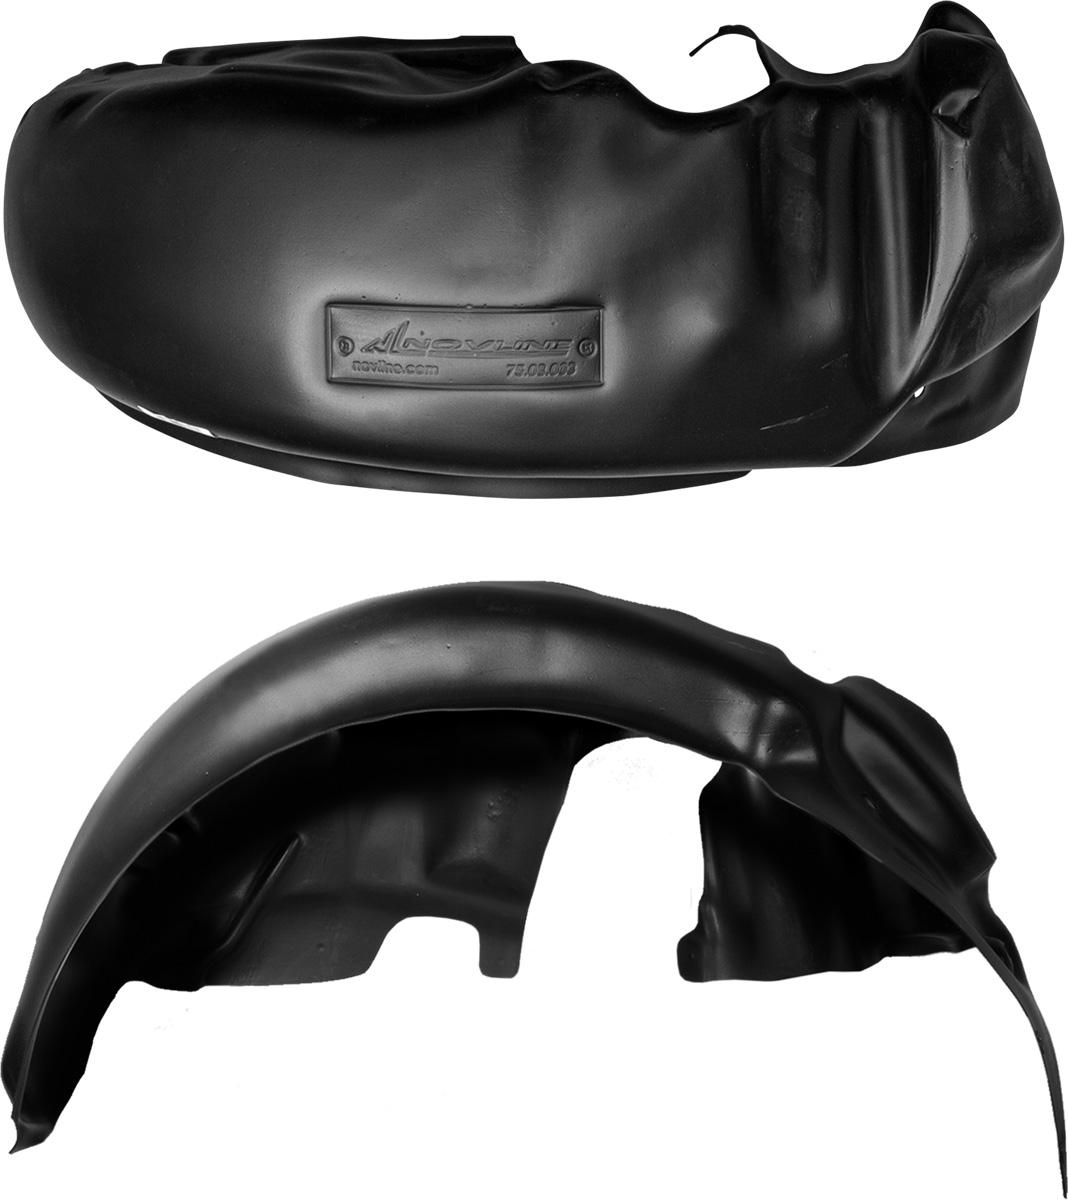 Подкрылок Novline-Autofamily, для Lada Vesta, 2015 ->, седан, без штатного войлока, задний правыйNLL.52.33.004Колесные ниши - одни из самых уязвимых зон днища вашего автомобиля. Они постоянно подвергаются воздействию со стороны дороги. Лучшая, почти абсолютная защита для них - специально отформованные пластиковые кожухи, которые называются подкрылками. Производятся они как для отечественных моделей автомобилей, так и для иномарок. Подкрылки Novline-Autofamily выполнены из высококачественного, экологически чистого пластика. Обеспечивают надежную защиту кузова автомобиля от пескоструйного эффекта и негативного влияния, агрессивных антигололедных реагентов. Пластик обладает более низкой теплопроводностью, чем металл, поэтому в зимний период эксплуатации использование пластиковых подкрылков позволяет лучше защитить колесные ниши от налипания снега и образования наледи. Оригинальность конструкции подчеркивает элегантность автомобиля, бережно защищает нанесенное на днище кузова антикоррозийное покрытие и позволяет осуществить крепление подкрылков внутри колесной арки практически без...